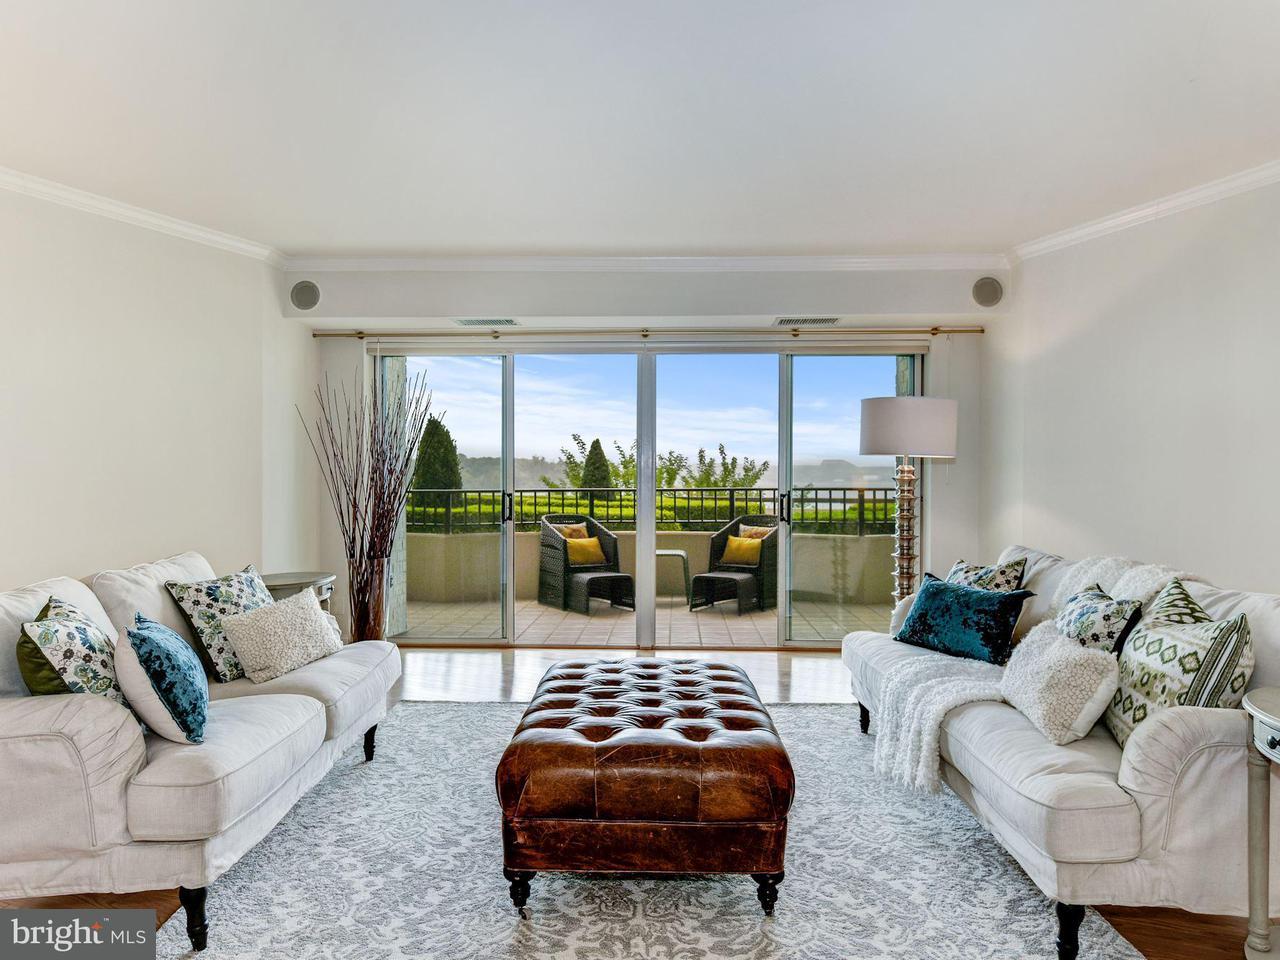 Πολυκατοικία ατομικής ιδιοκτησίας για την Πώληση στο 1250 Washington St S #105 1250 Washington St S #105 Alexandria, Βιρτζινια 22314 Ηνωμενεσ Πολιτειεσ